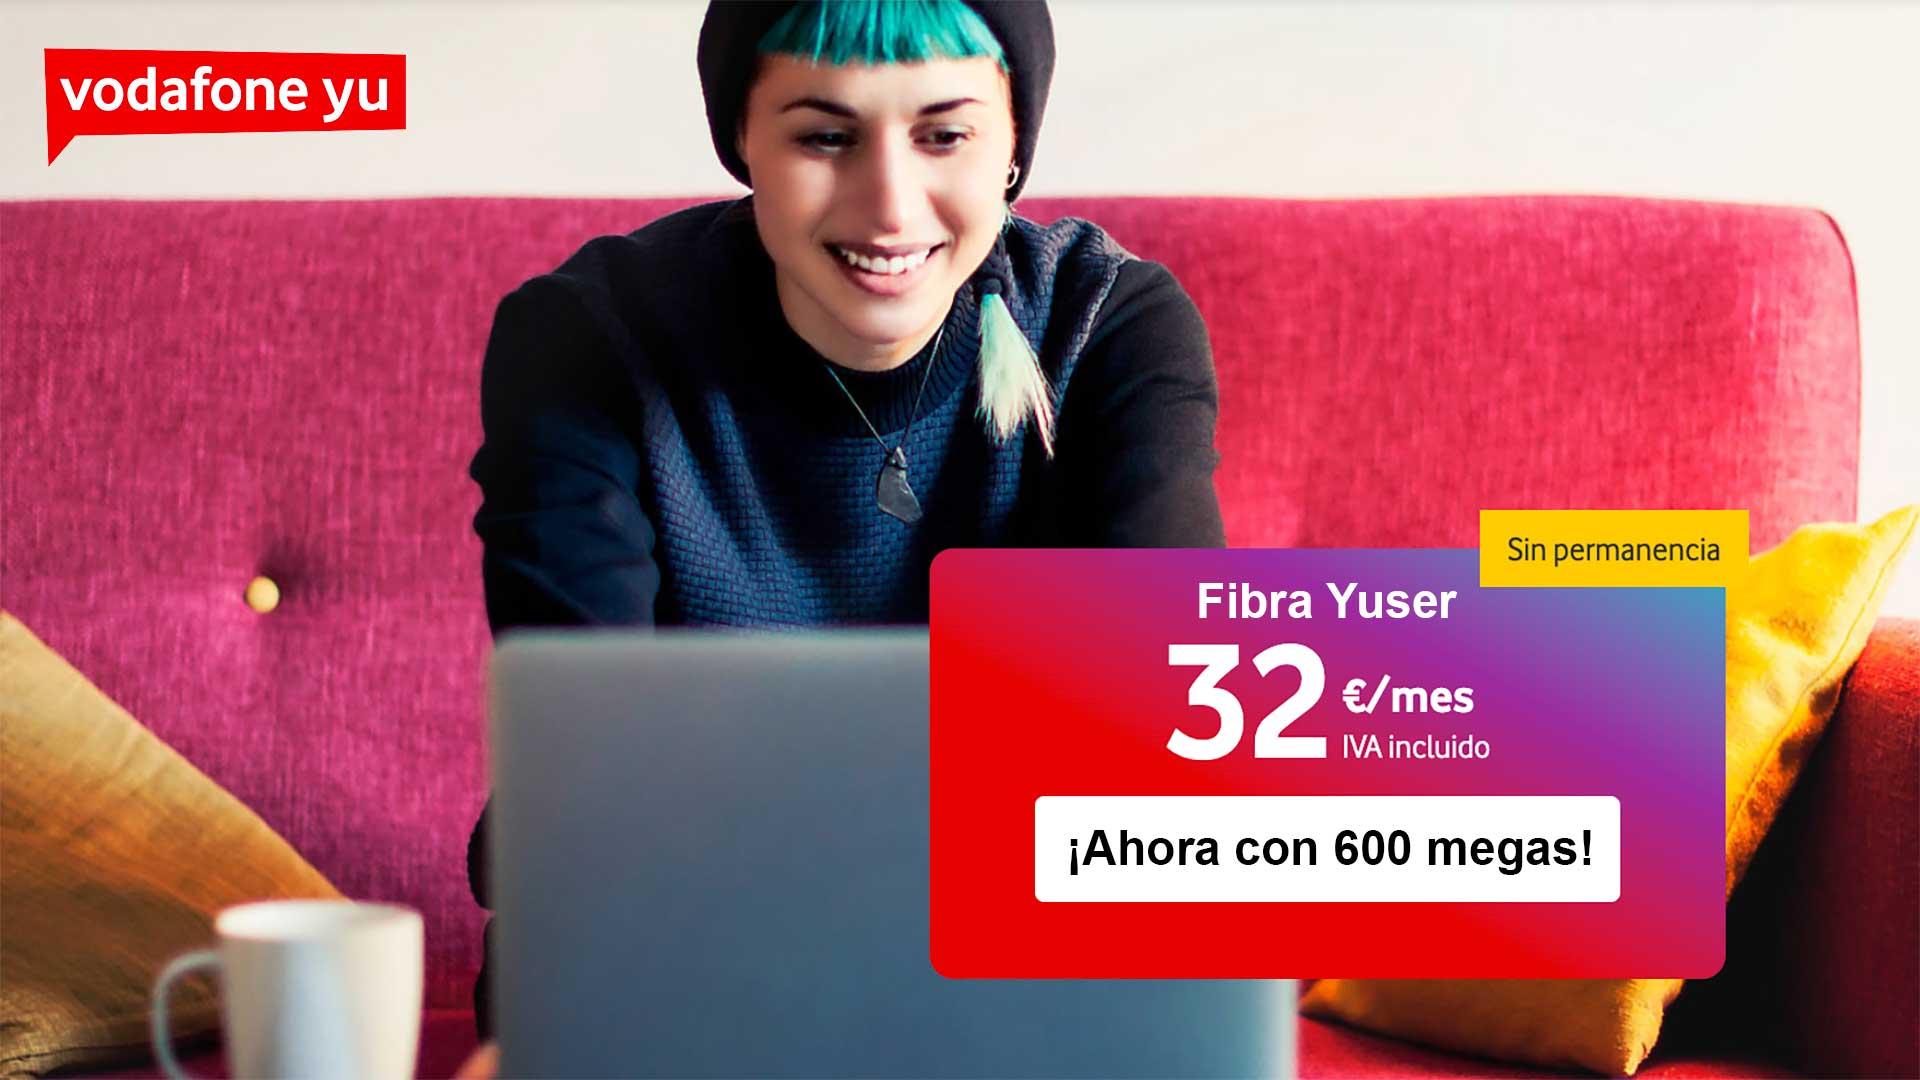 Vodafone oferta fibra estudiantes 2020